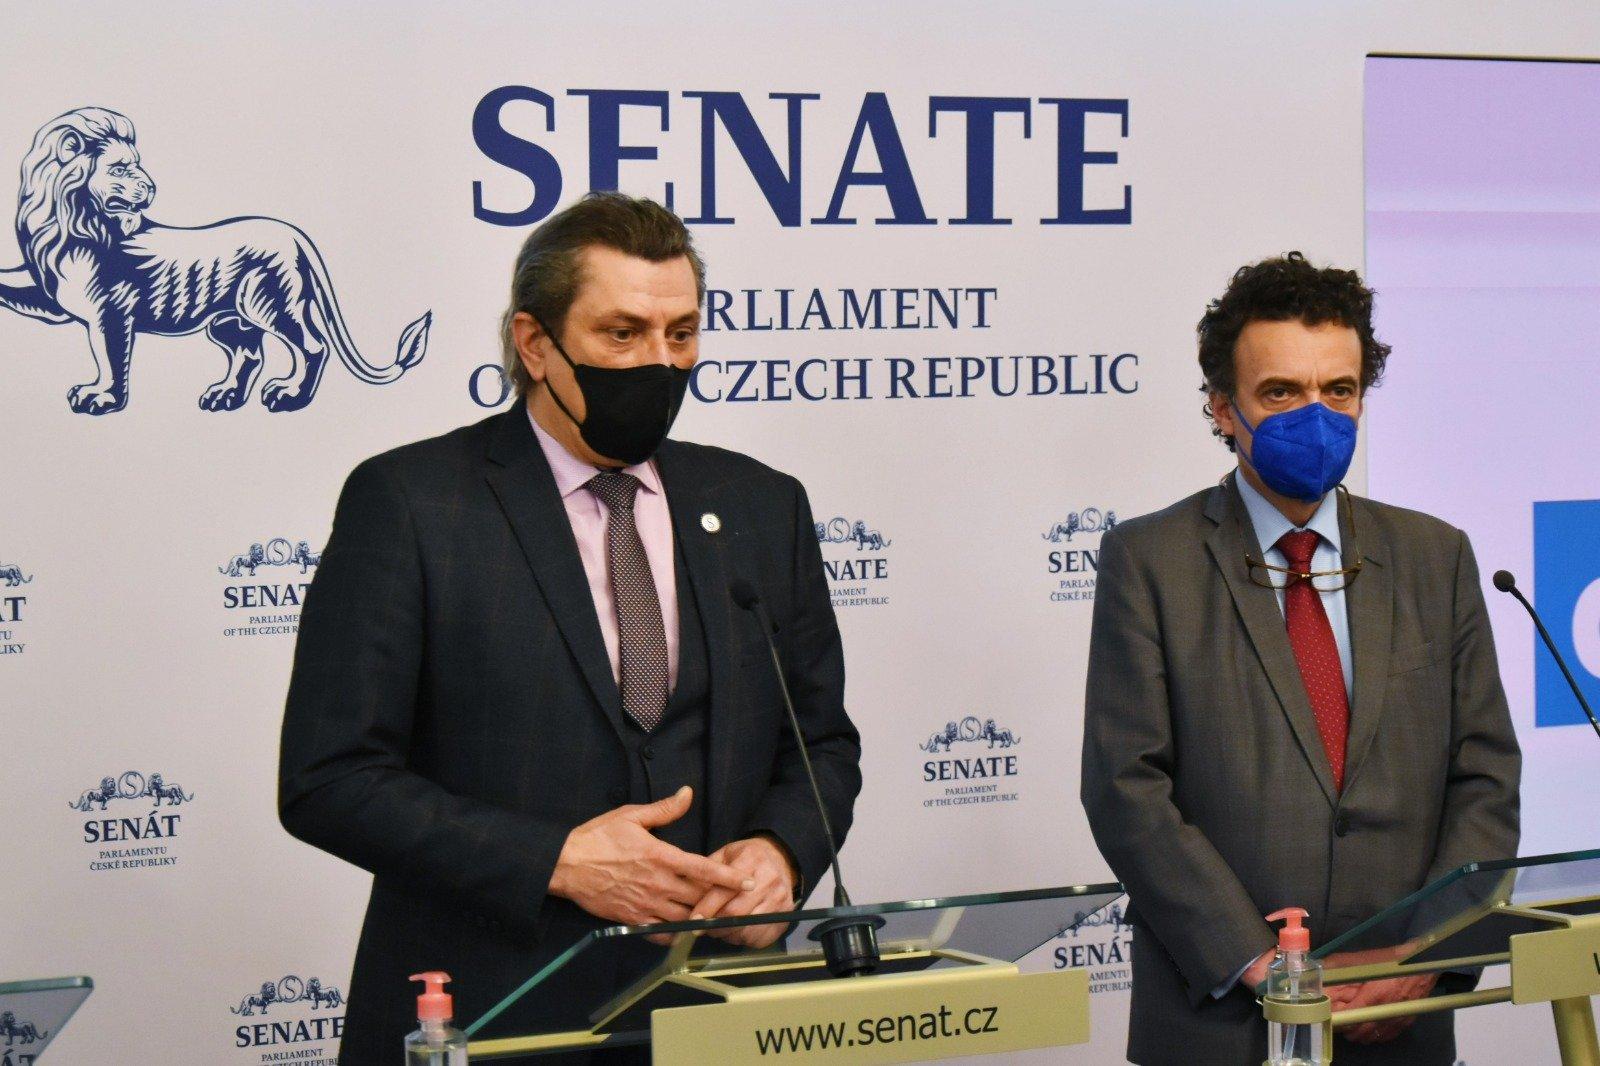 Senátorský klub ODS a TOP 09: Pandemický zákon projednáme. Naším cílem je jeho schválení s minimálními úpravami